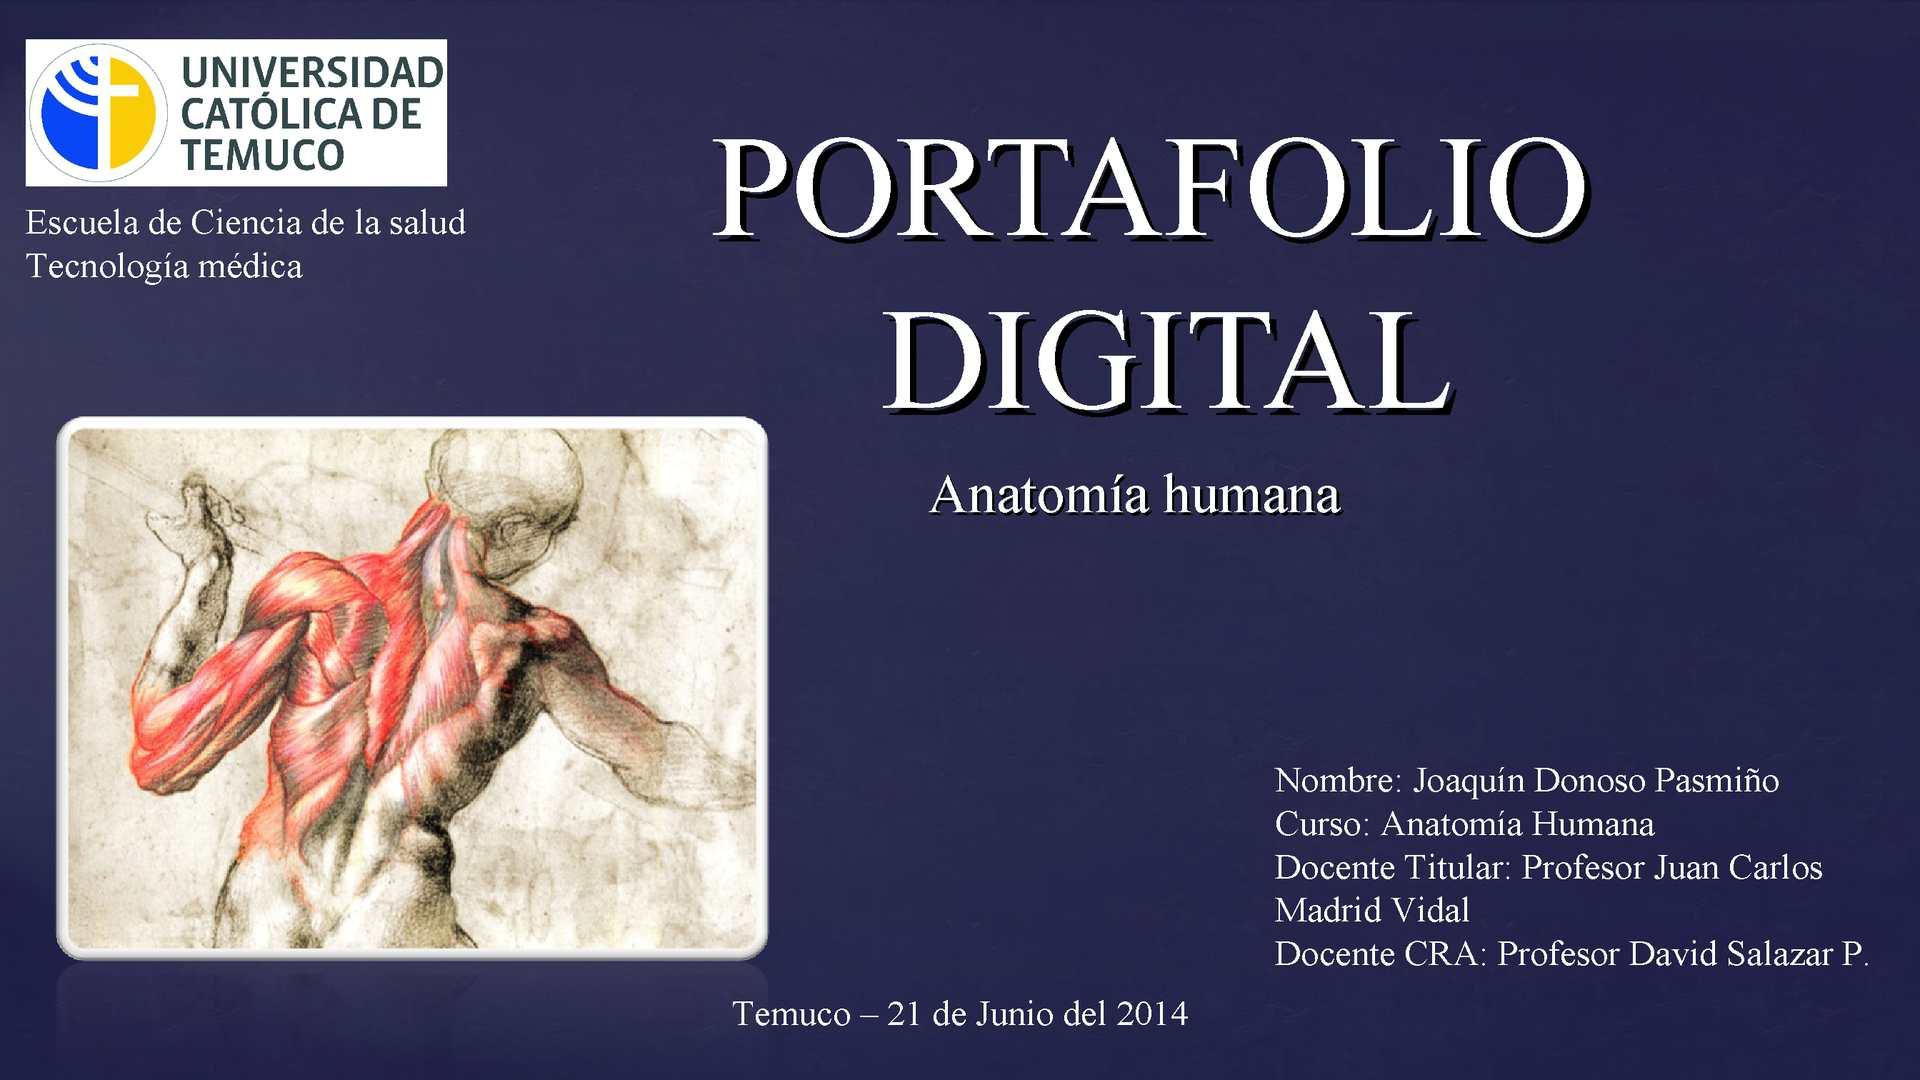 Calaméo - Portafolio digital UCT - Anatomía humana